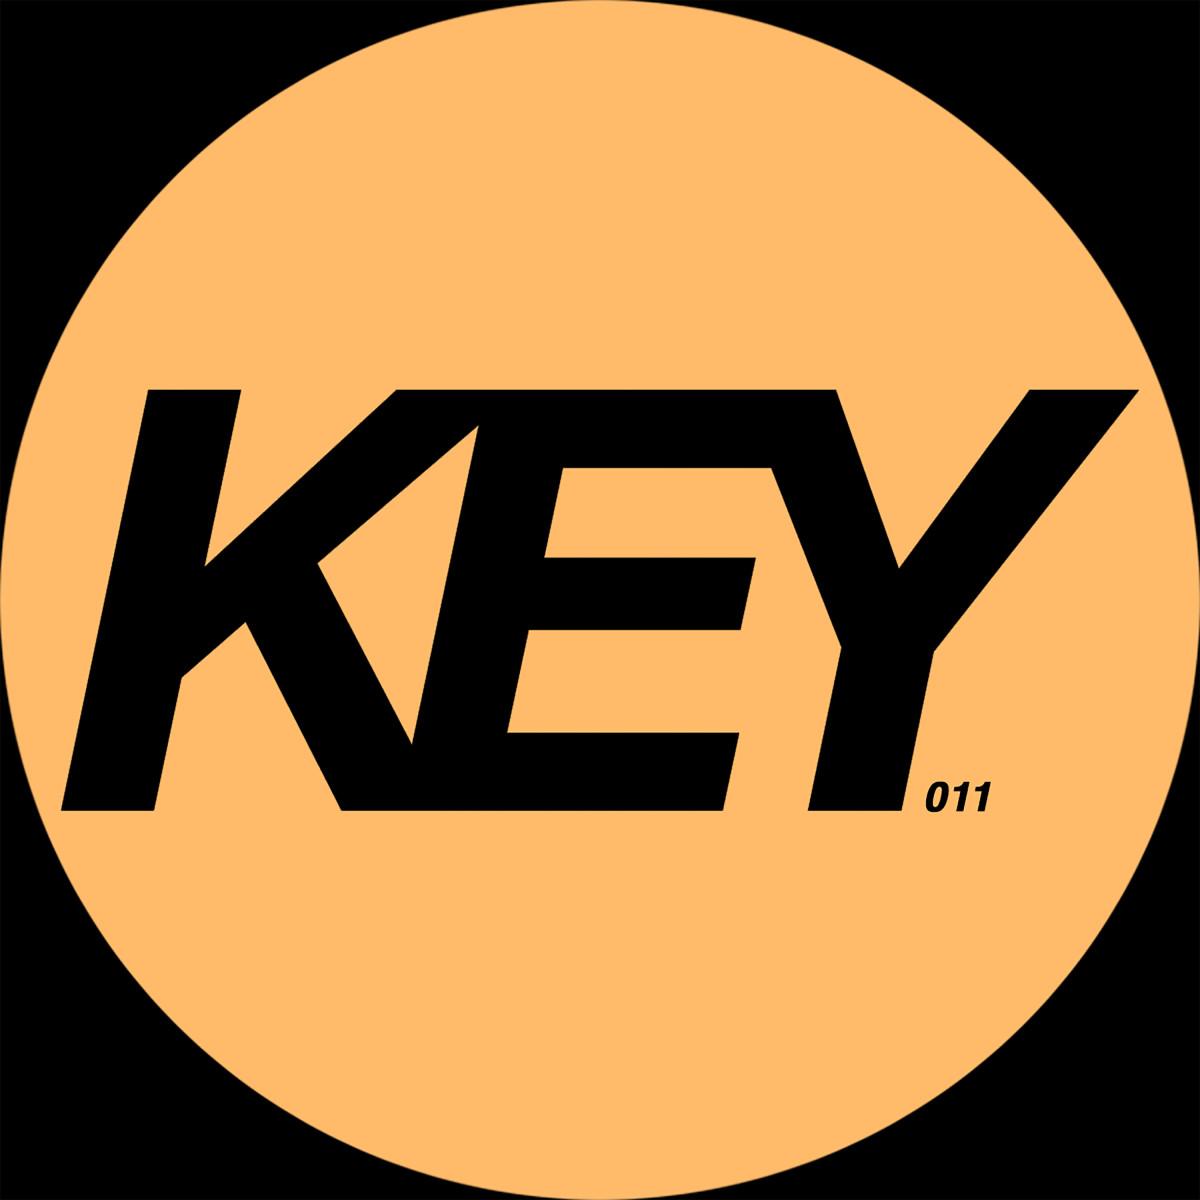 KEY011 Artwork